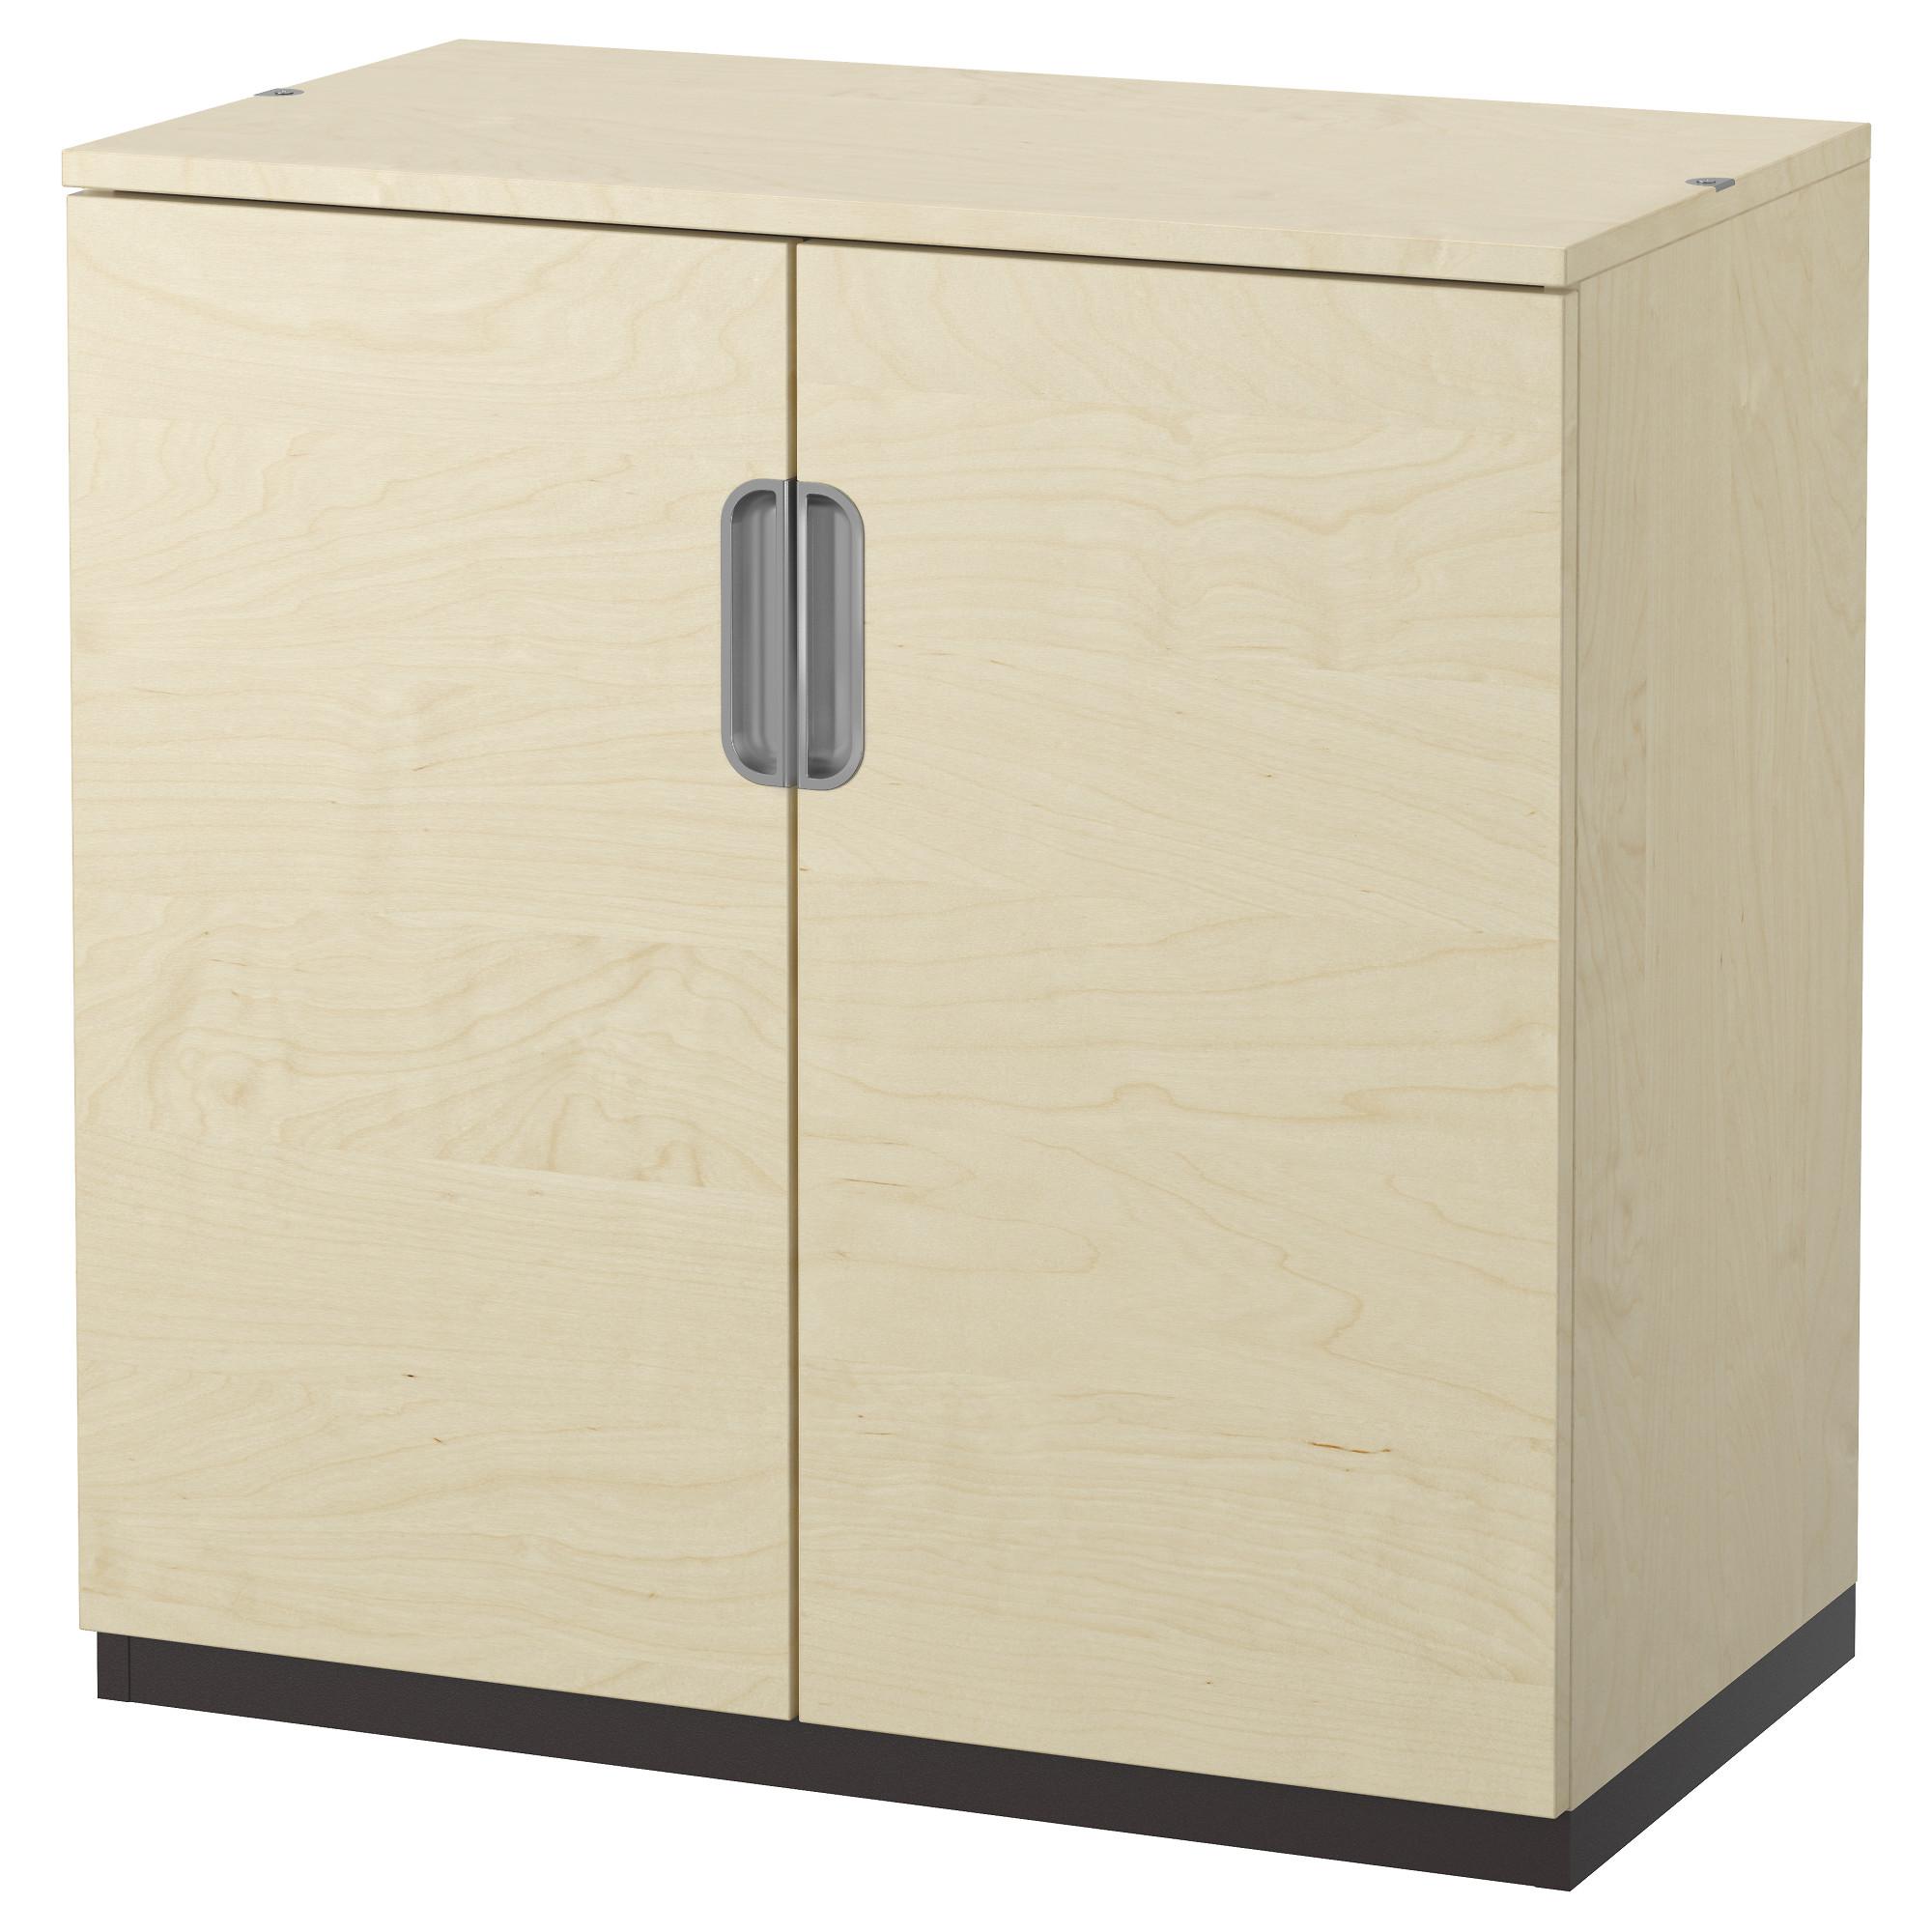 Ikea galant cabinet with doors birch veneer 80x80 cm